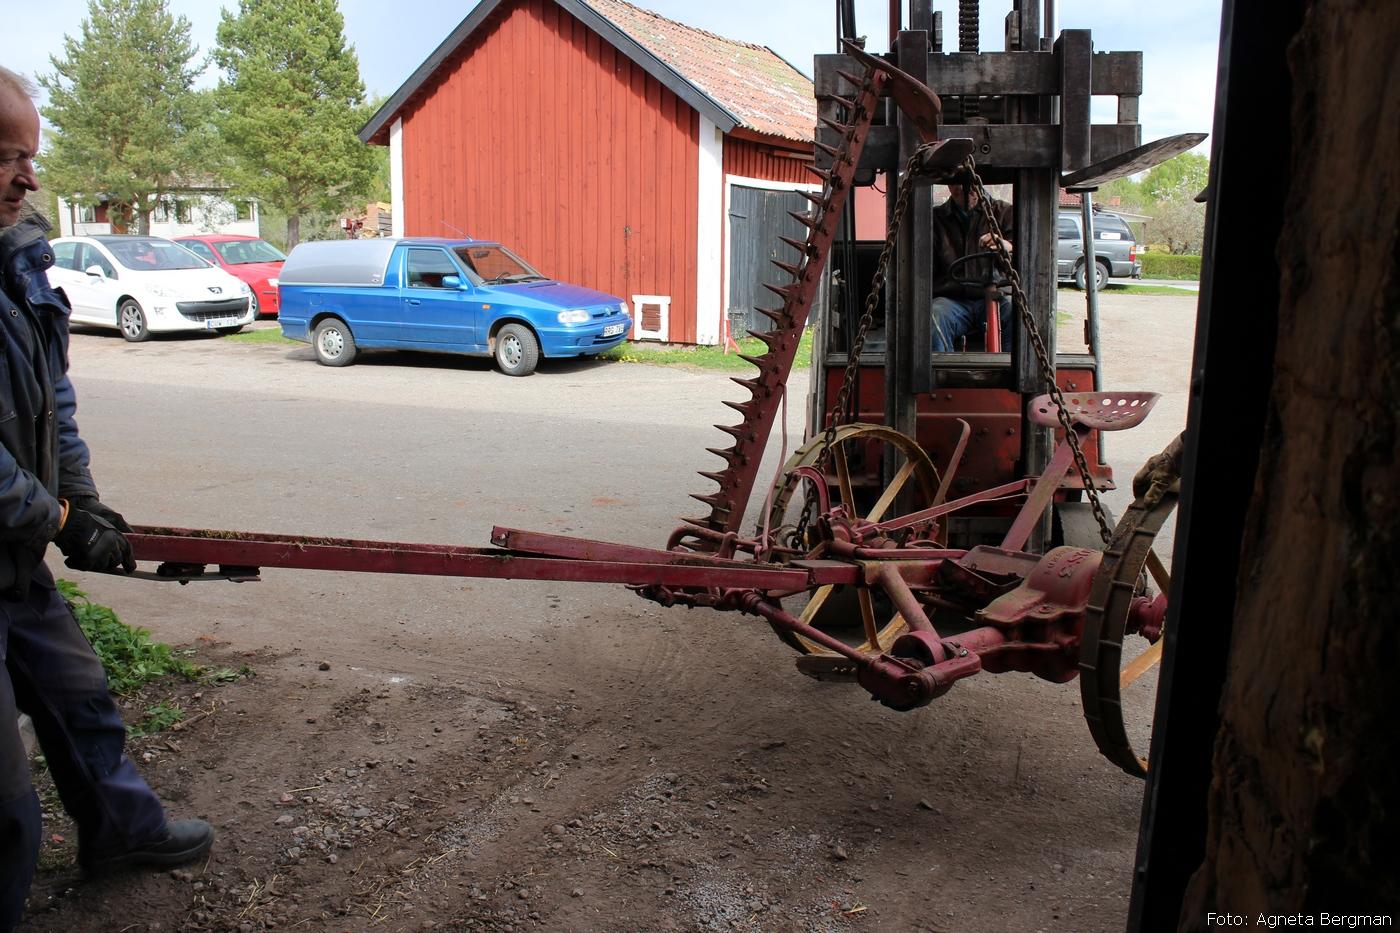 2014-05-03_098_traktorflytt